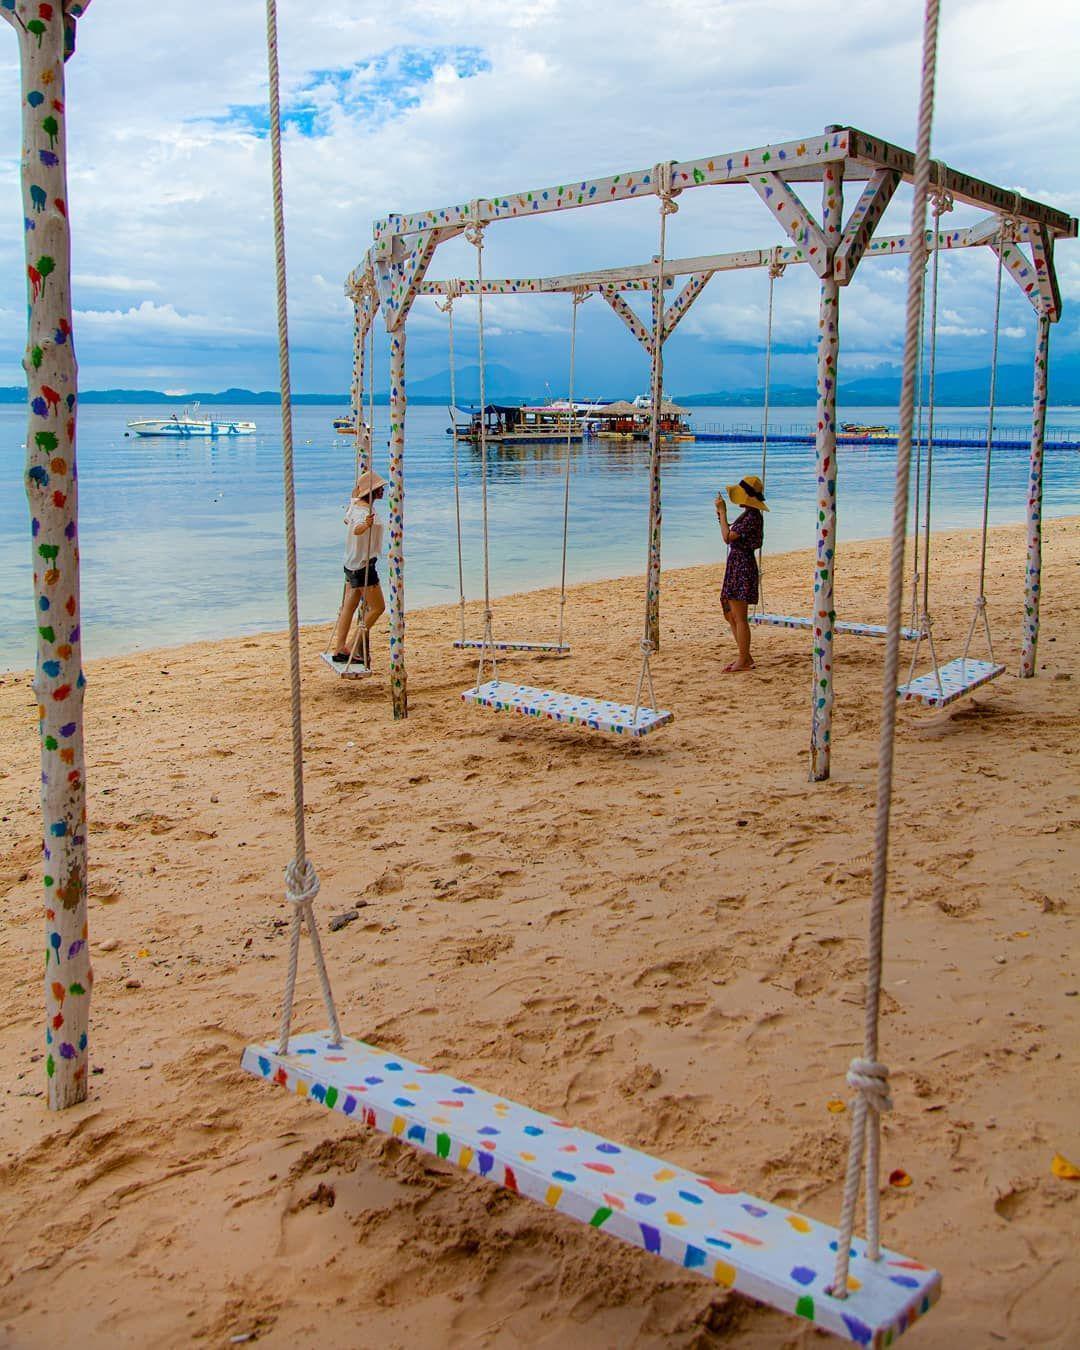 Intip 6 Surga Wisata Tersembunyi di Likupang, Sulawesi Utara!